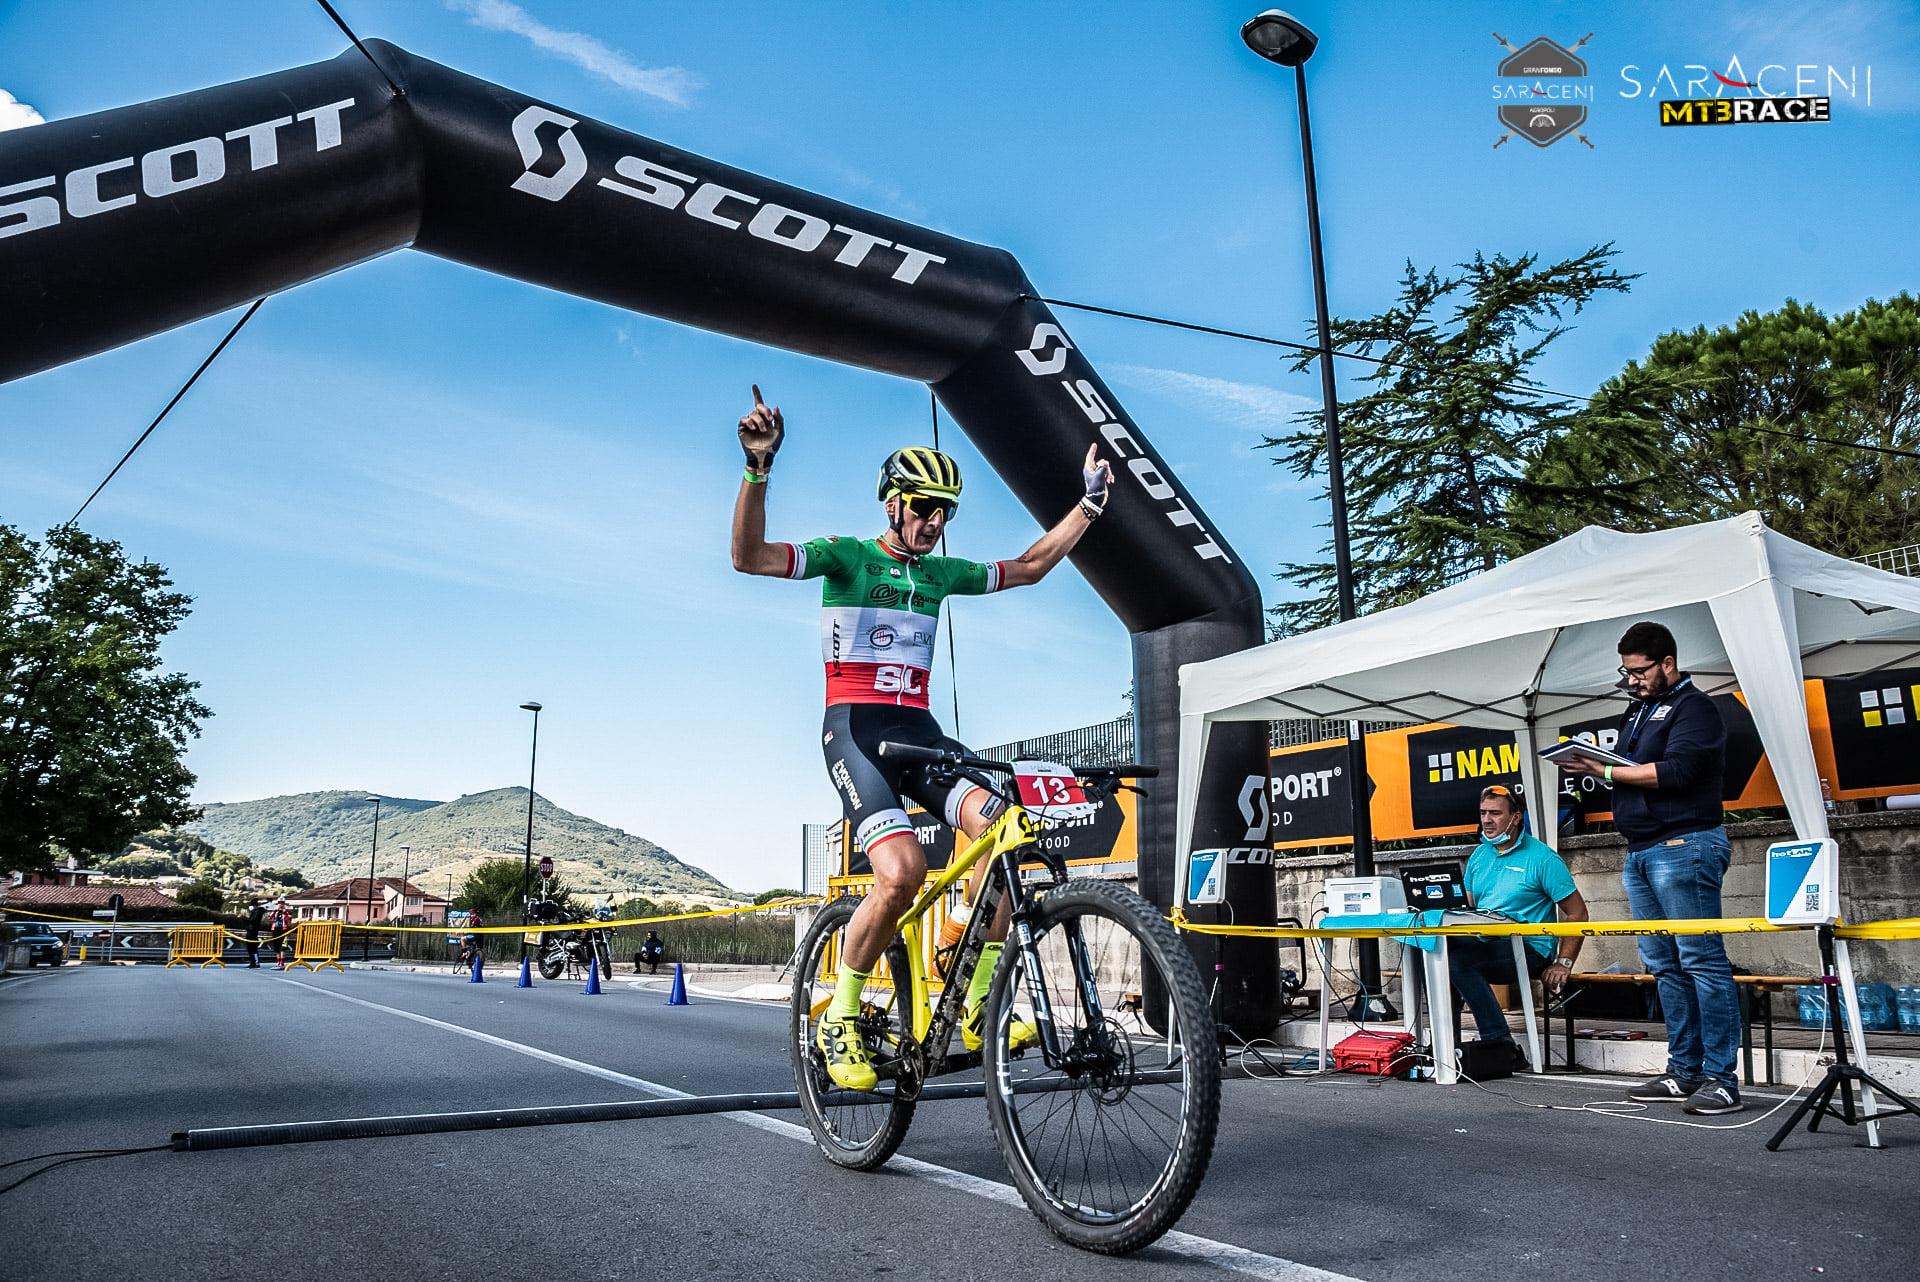 Saraceni MTB Race a segno Ferritto.